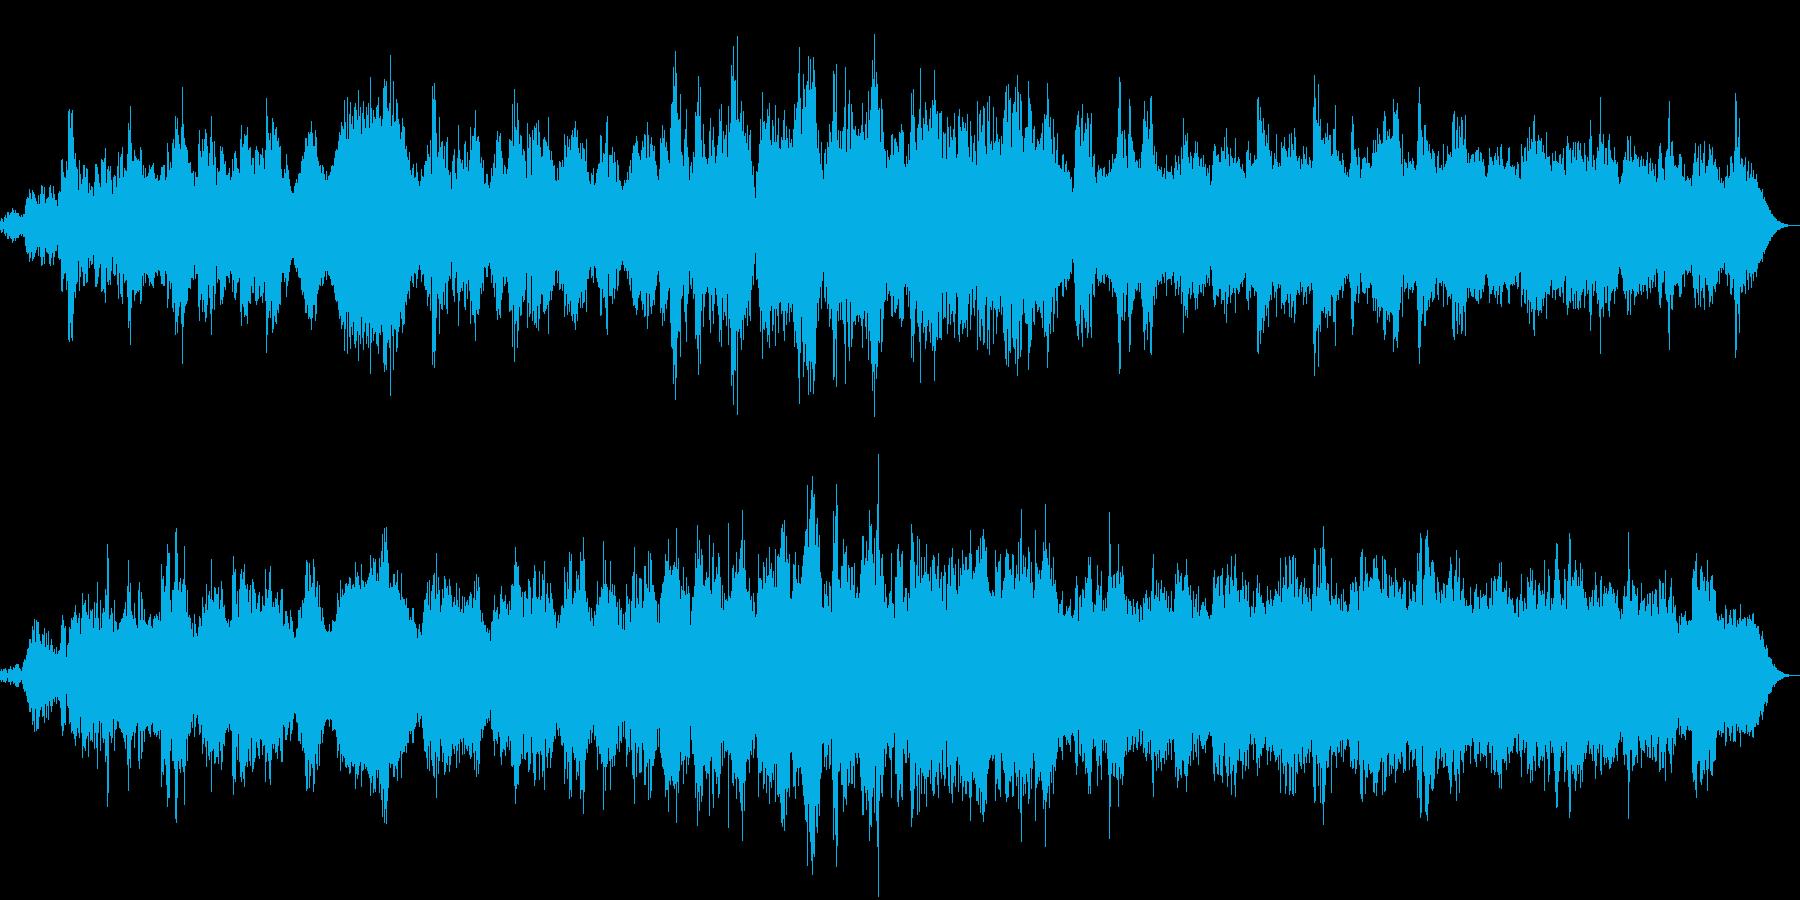 神秘的 瞑想やマインドフルネス用の曲の再生済みの波形